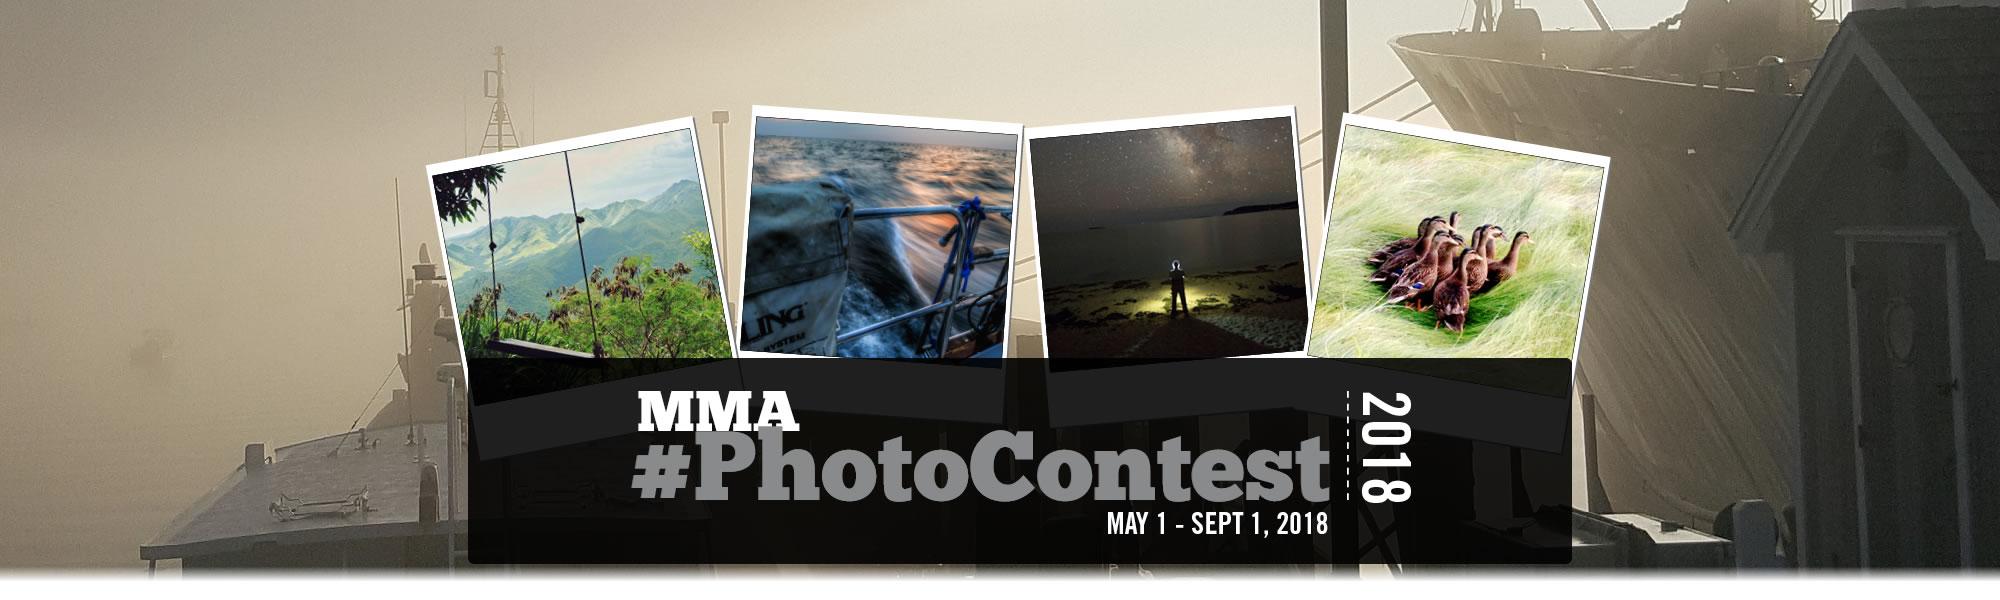 2018 Photo Contest